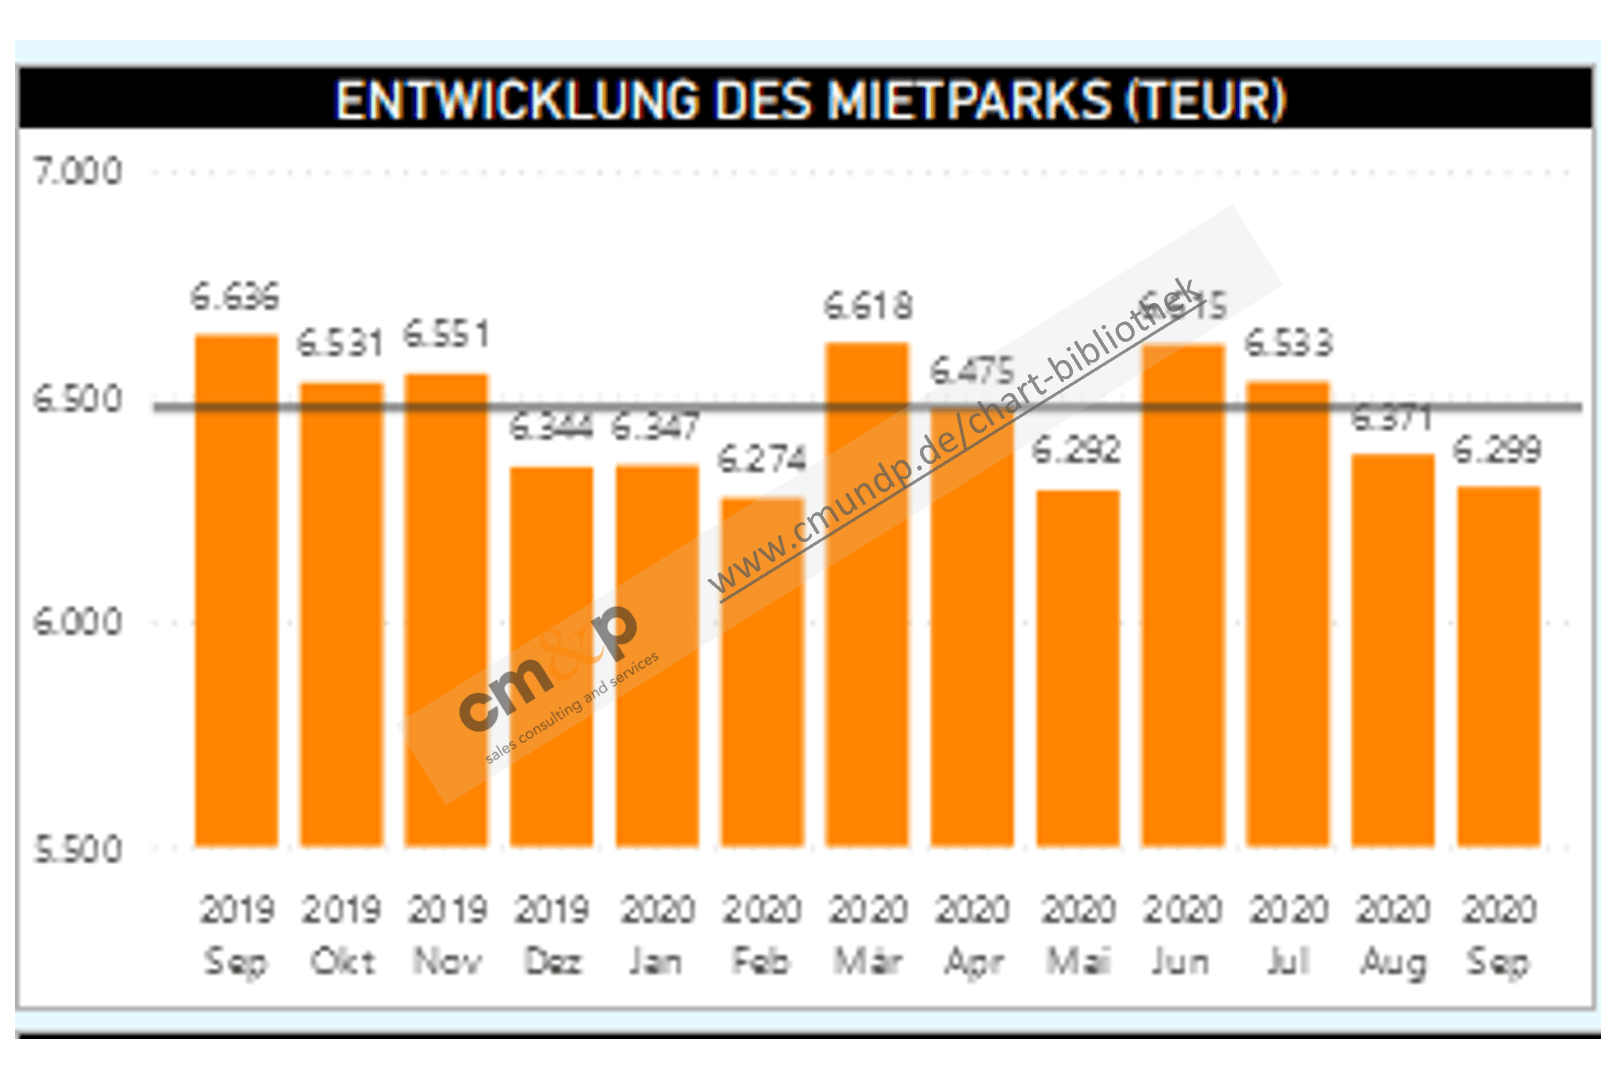 Darstellung des Mietparkbestandes als Säulen mit jeweiliger monatlicher Wertangabe in TEUR über 13 Monate rollierend Abbildung des Ø-Bestandes als Linie in TEUR